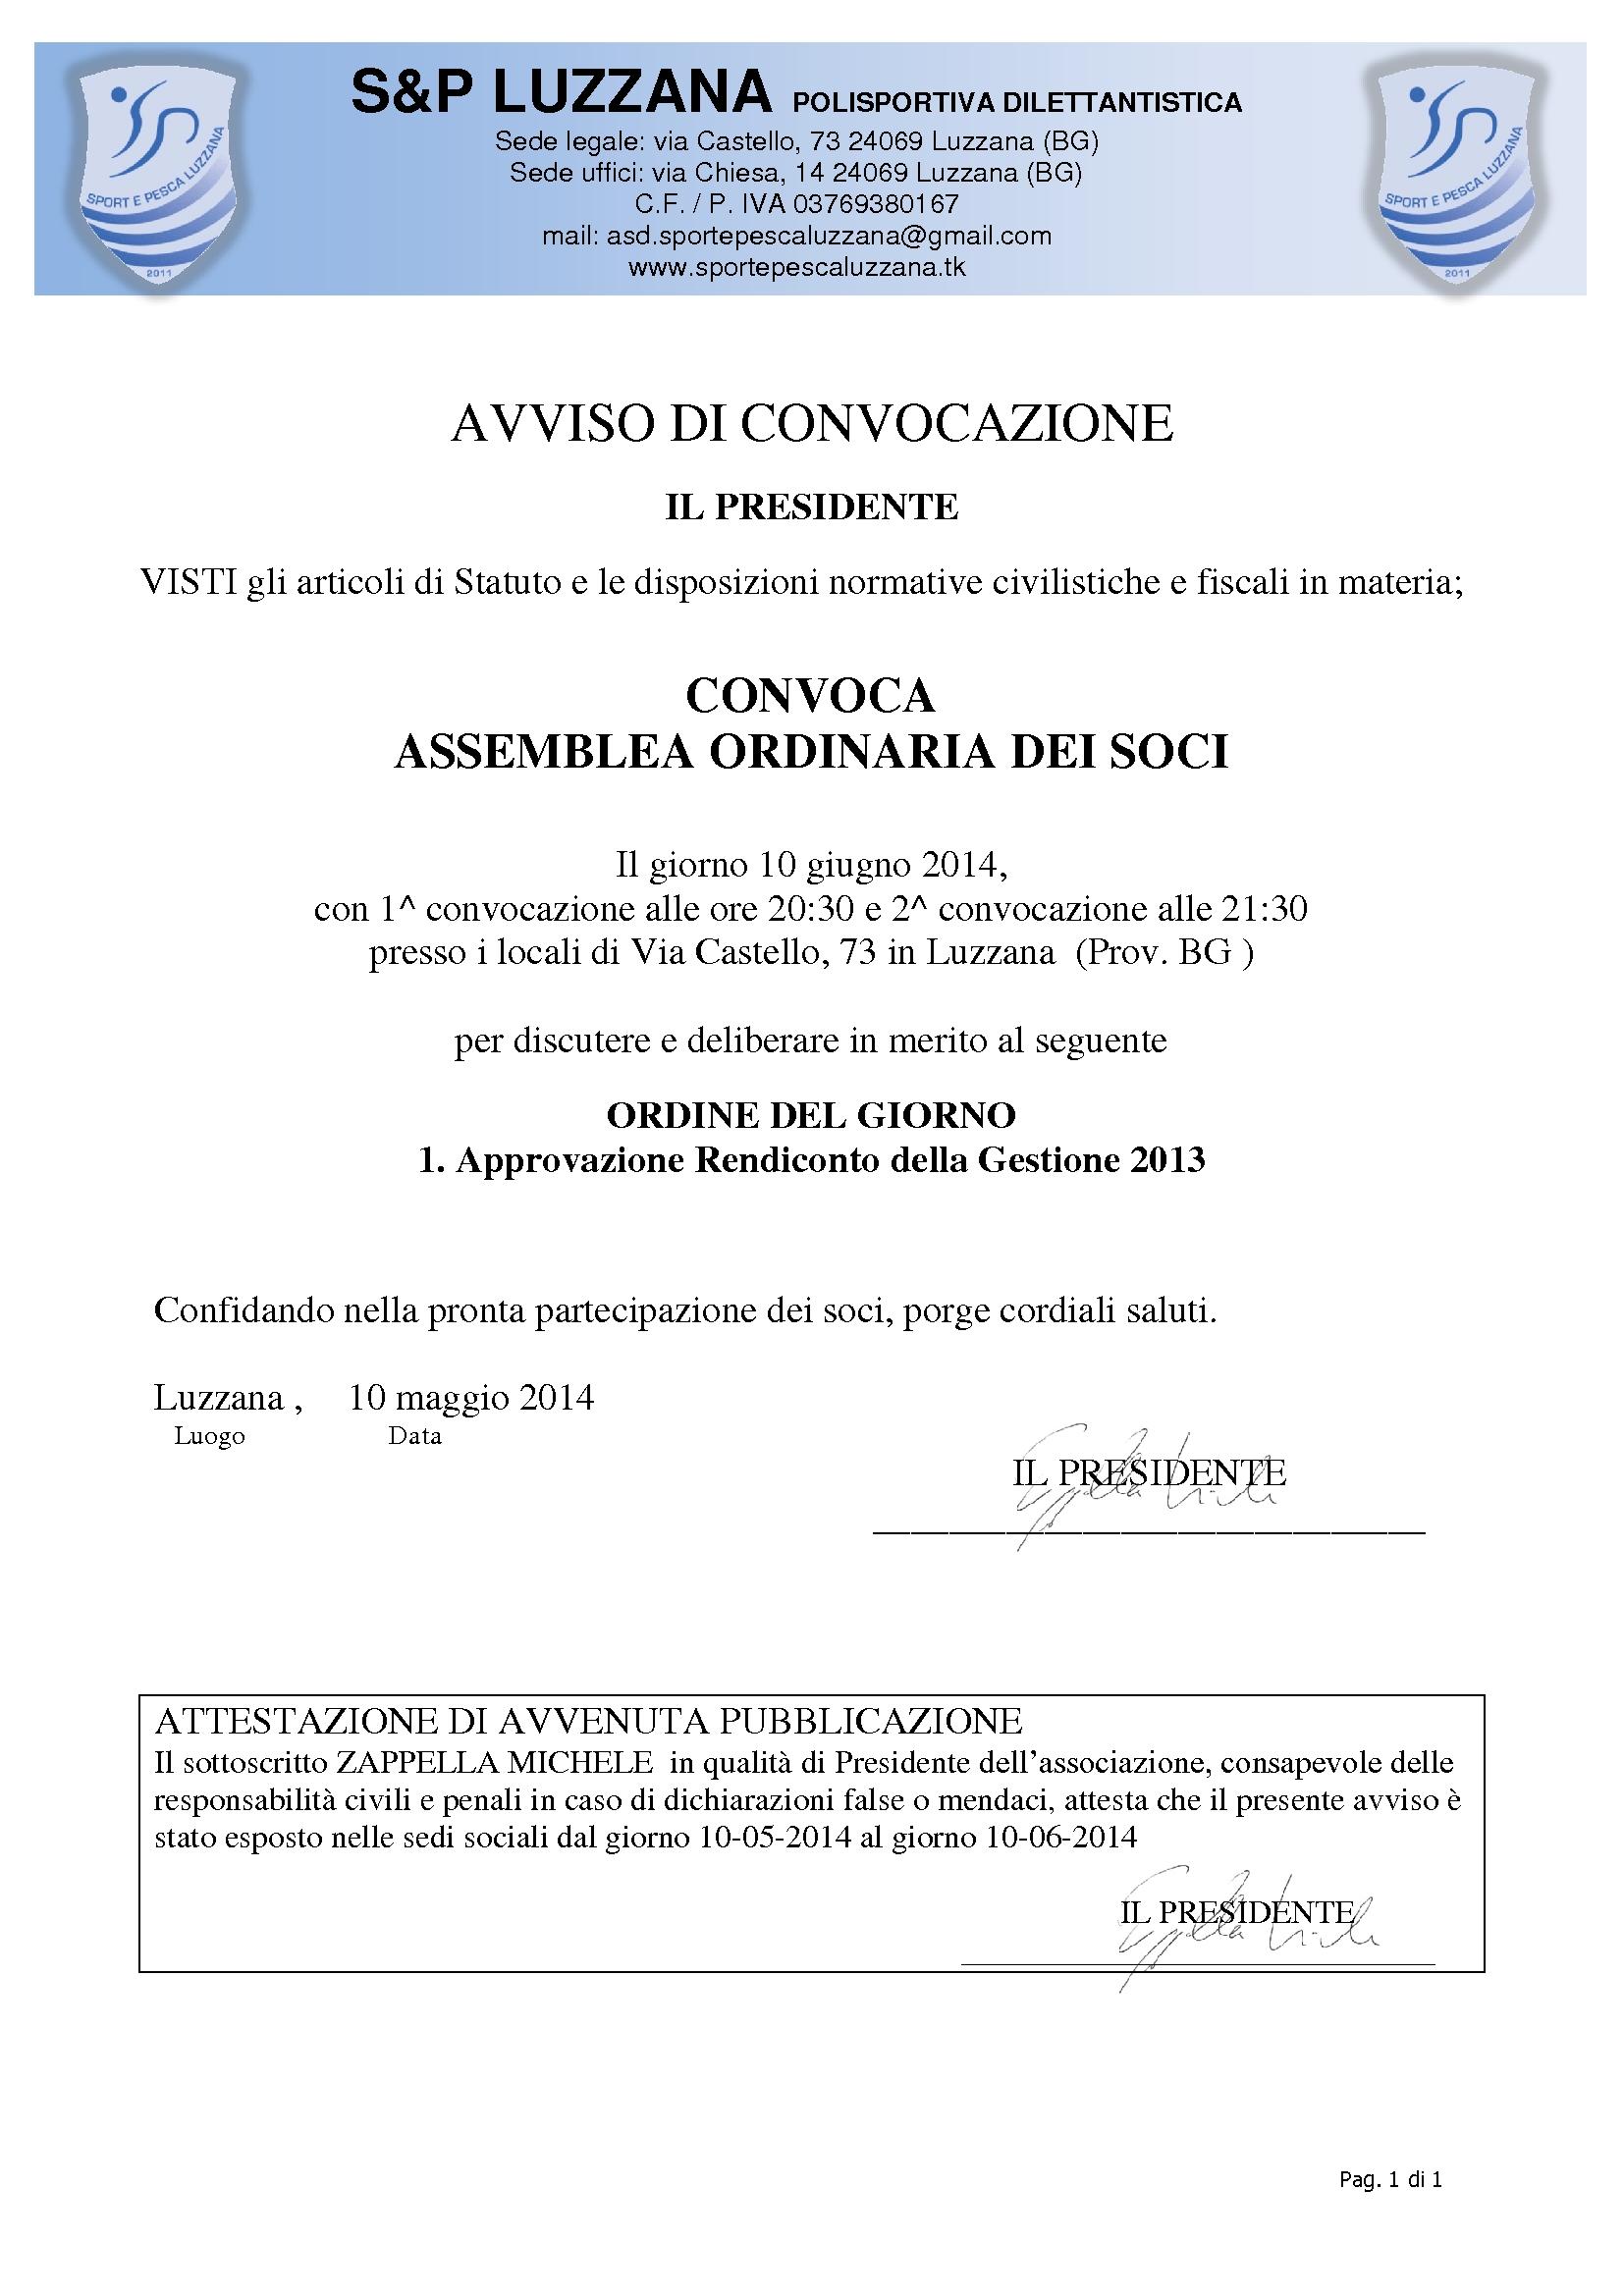 Convocazione assemblea ordinaria 10 GIUGNO 2014_1